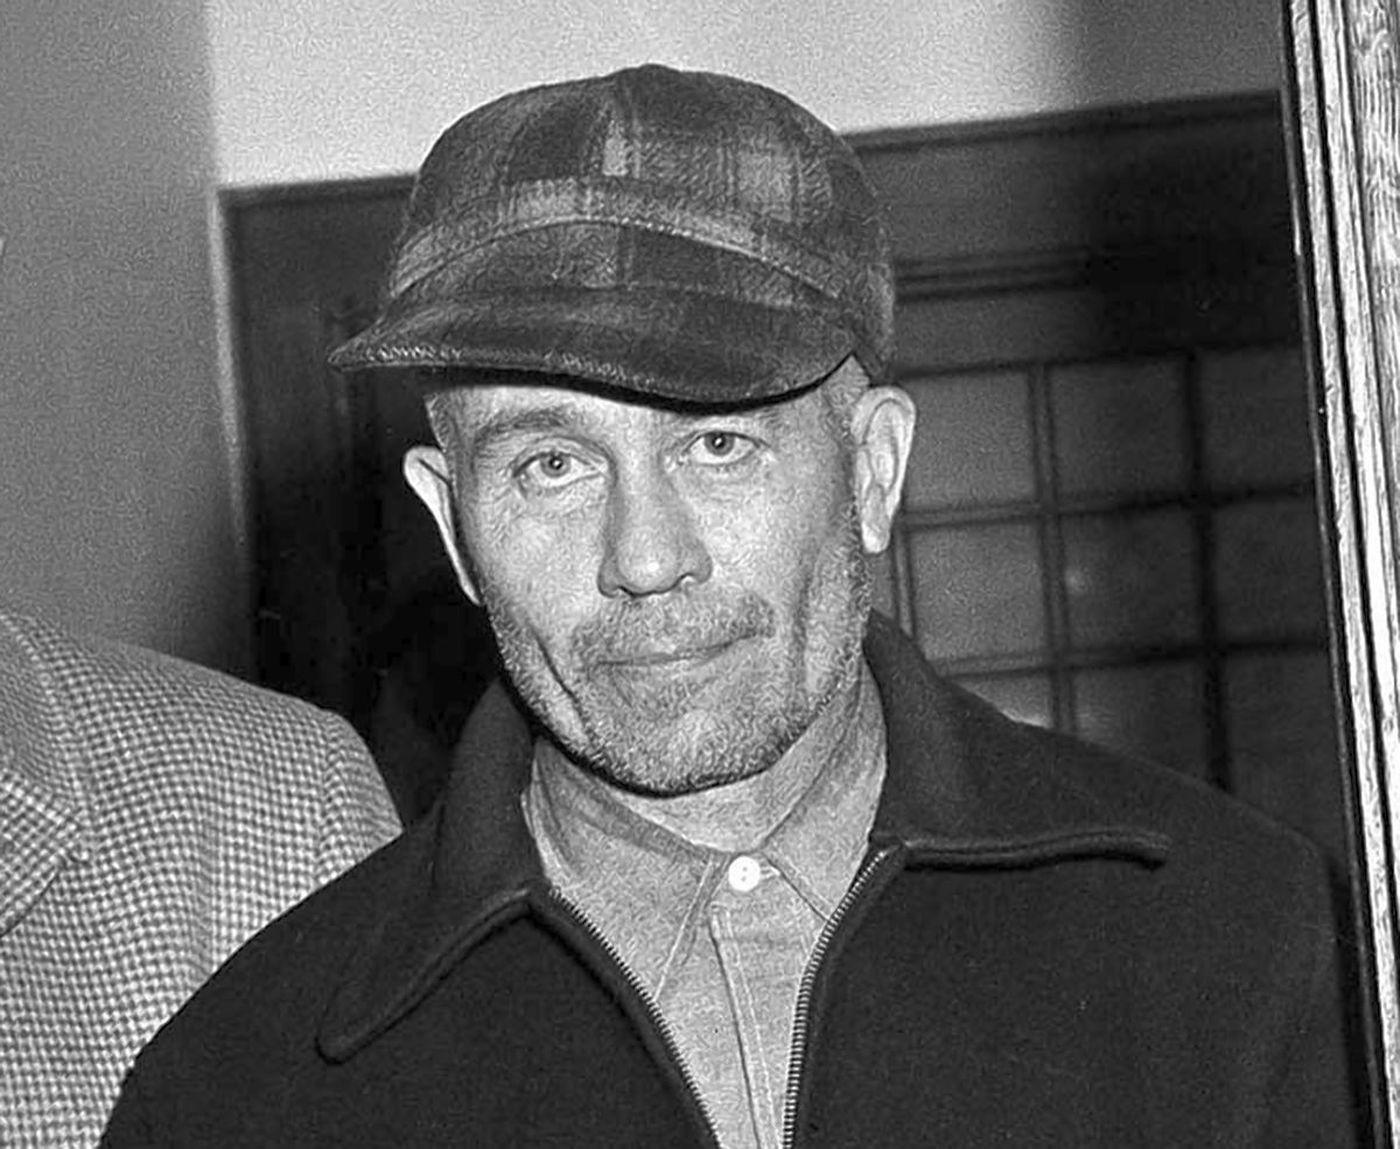 Chân dung Ed Gein – tên sát nhân đáng sợ nhất mọi thời đại.